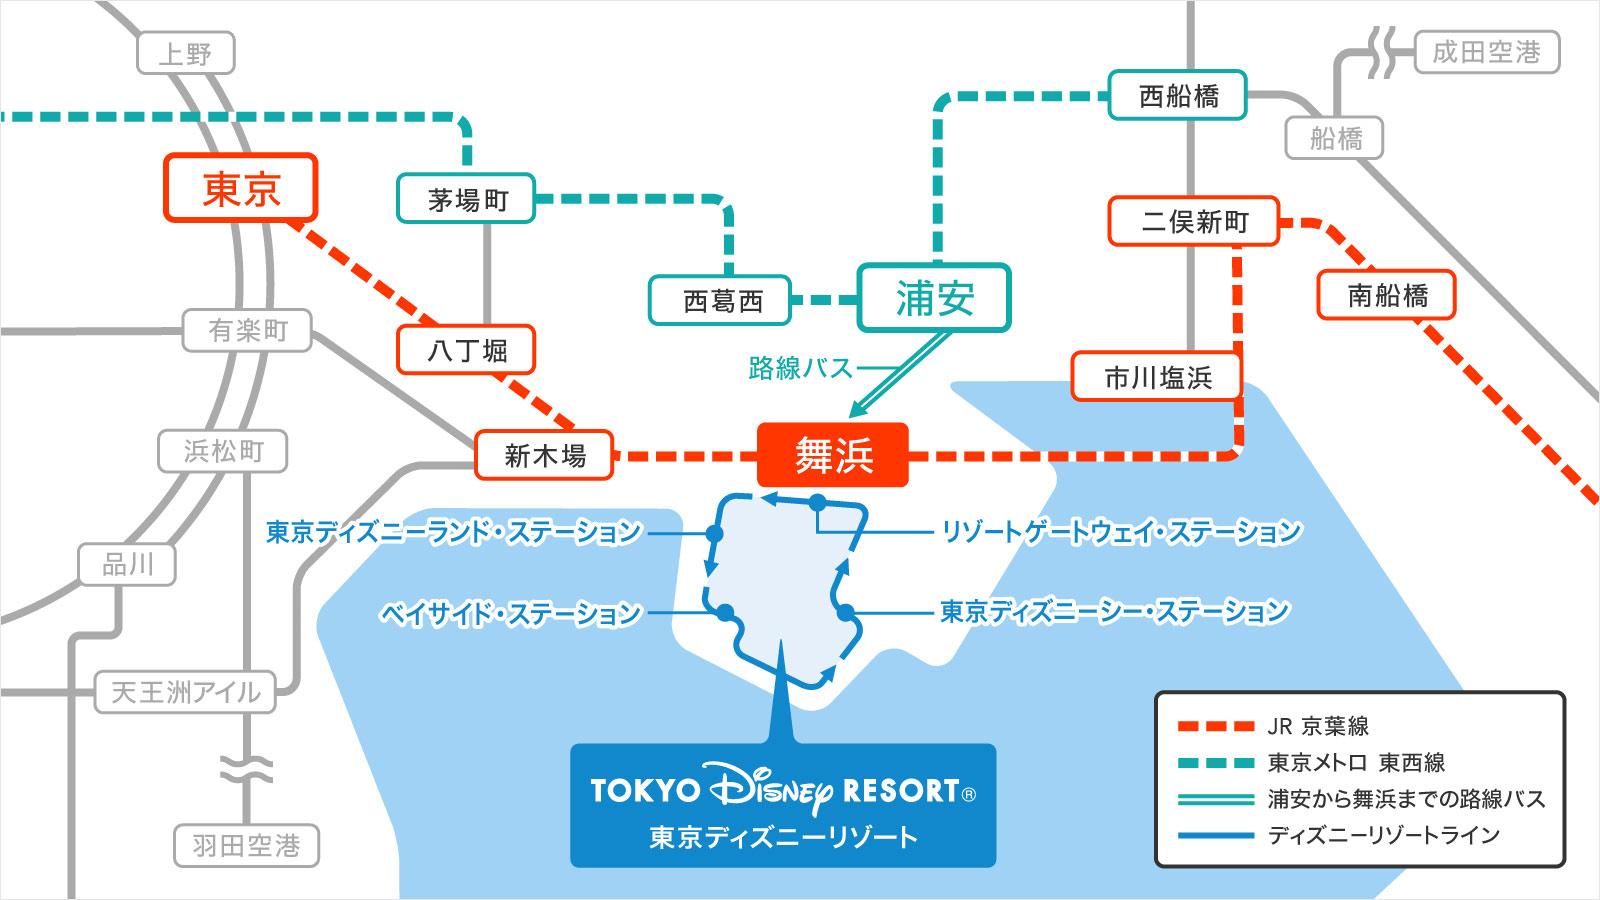 公式】ディズニーリゾートライン | 東京ディズニーリゾート